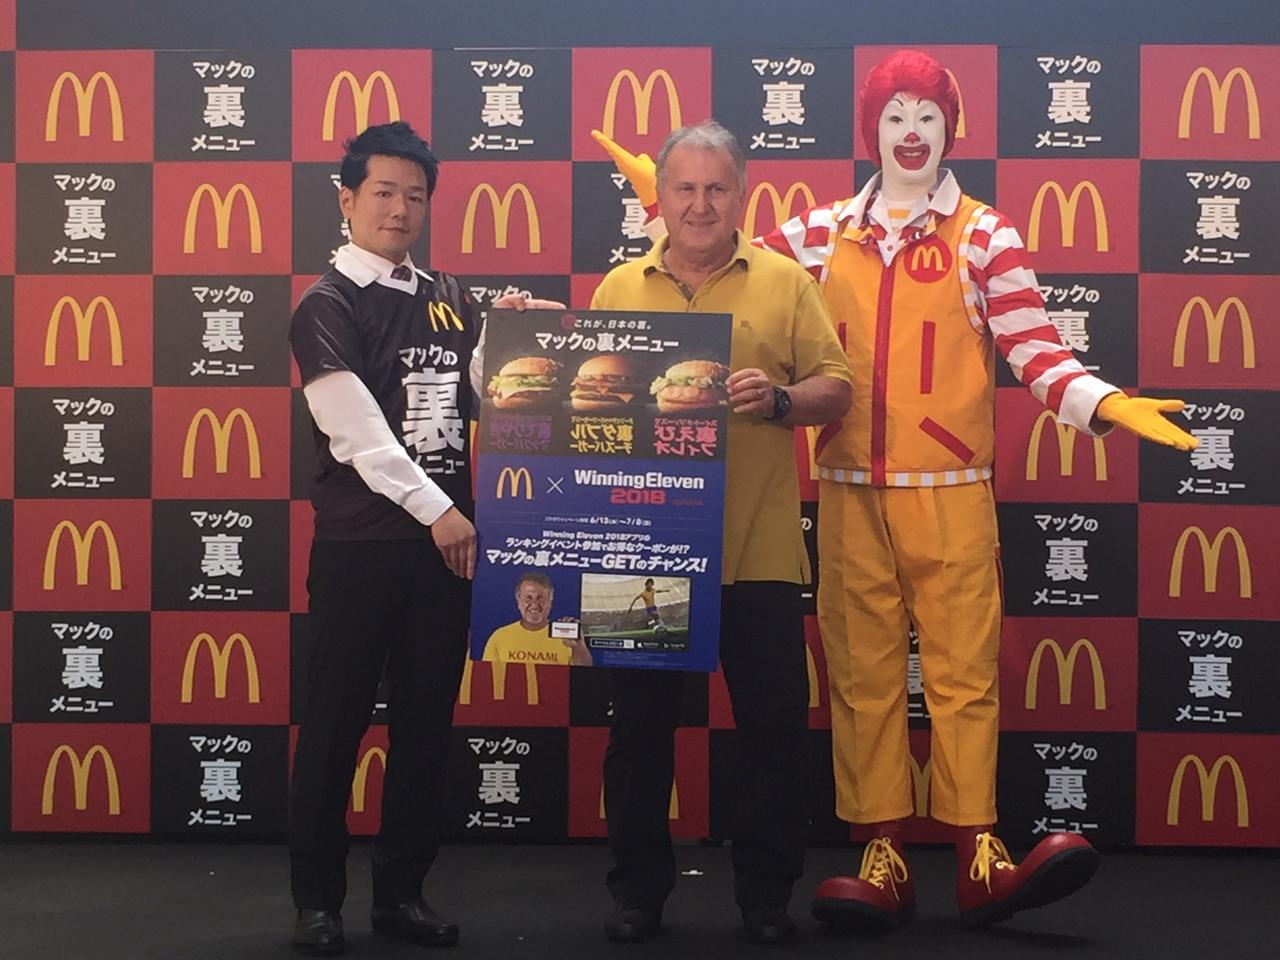 画像: キャンペーンキャラクターのジーコ氏が登場。意外にも「てりやきマックバーガーの大ファン」と明かした